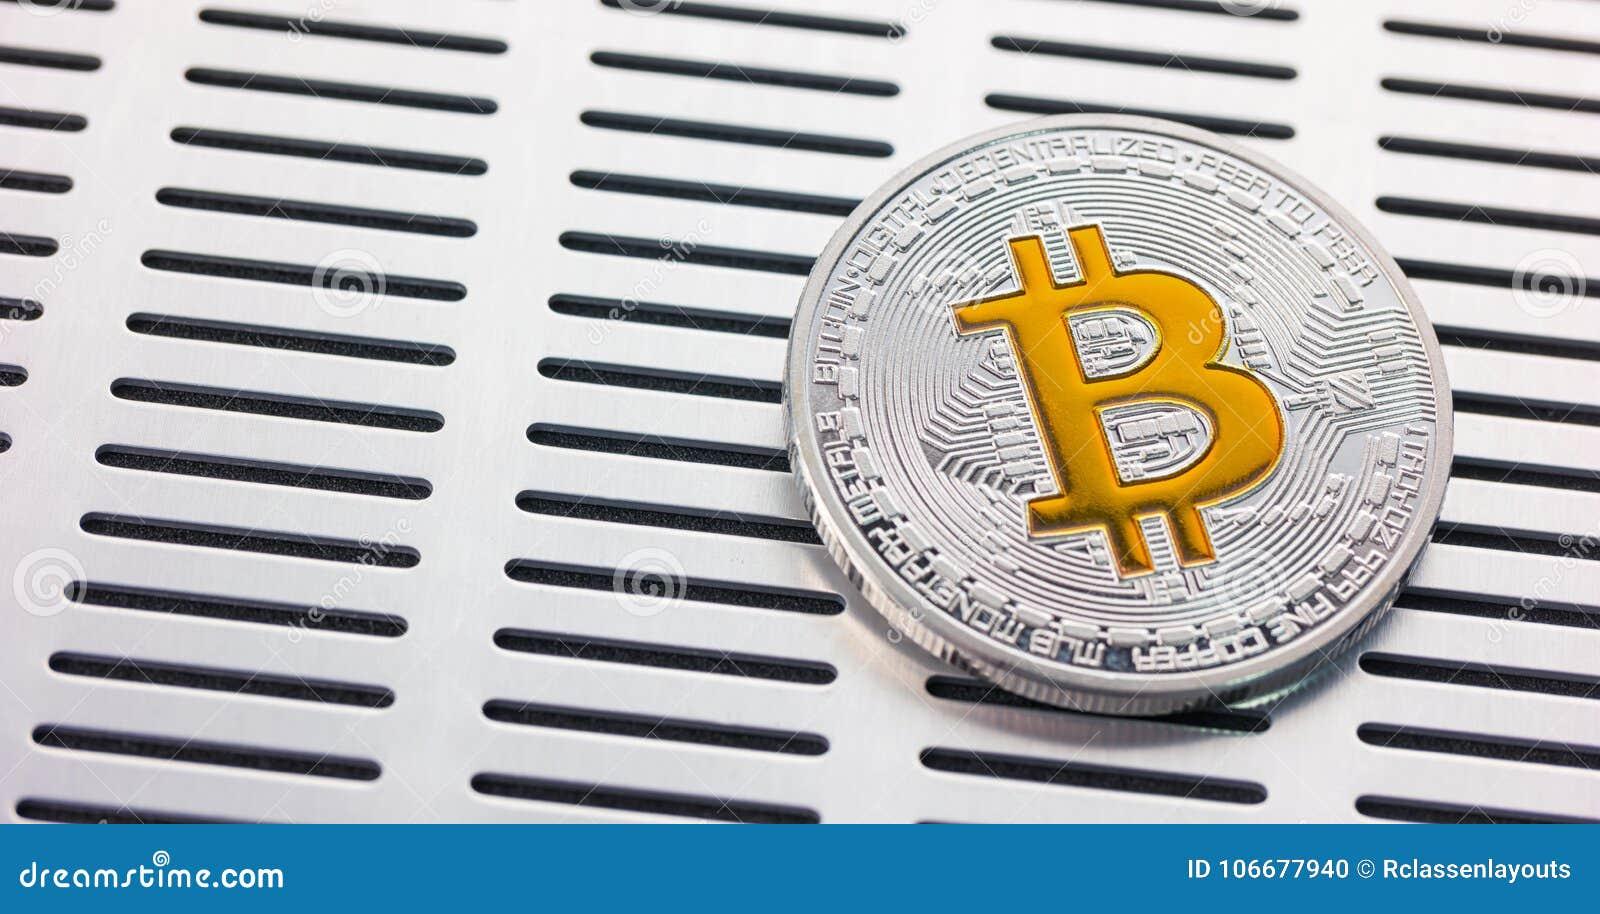 bitcoin monetary system